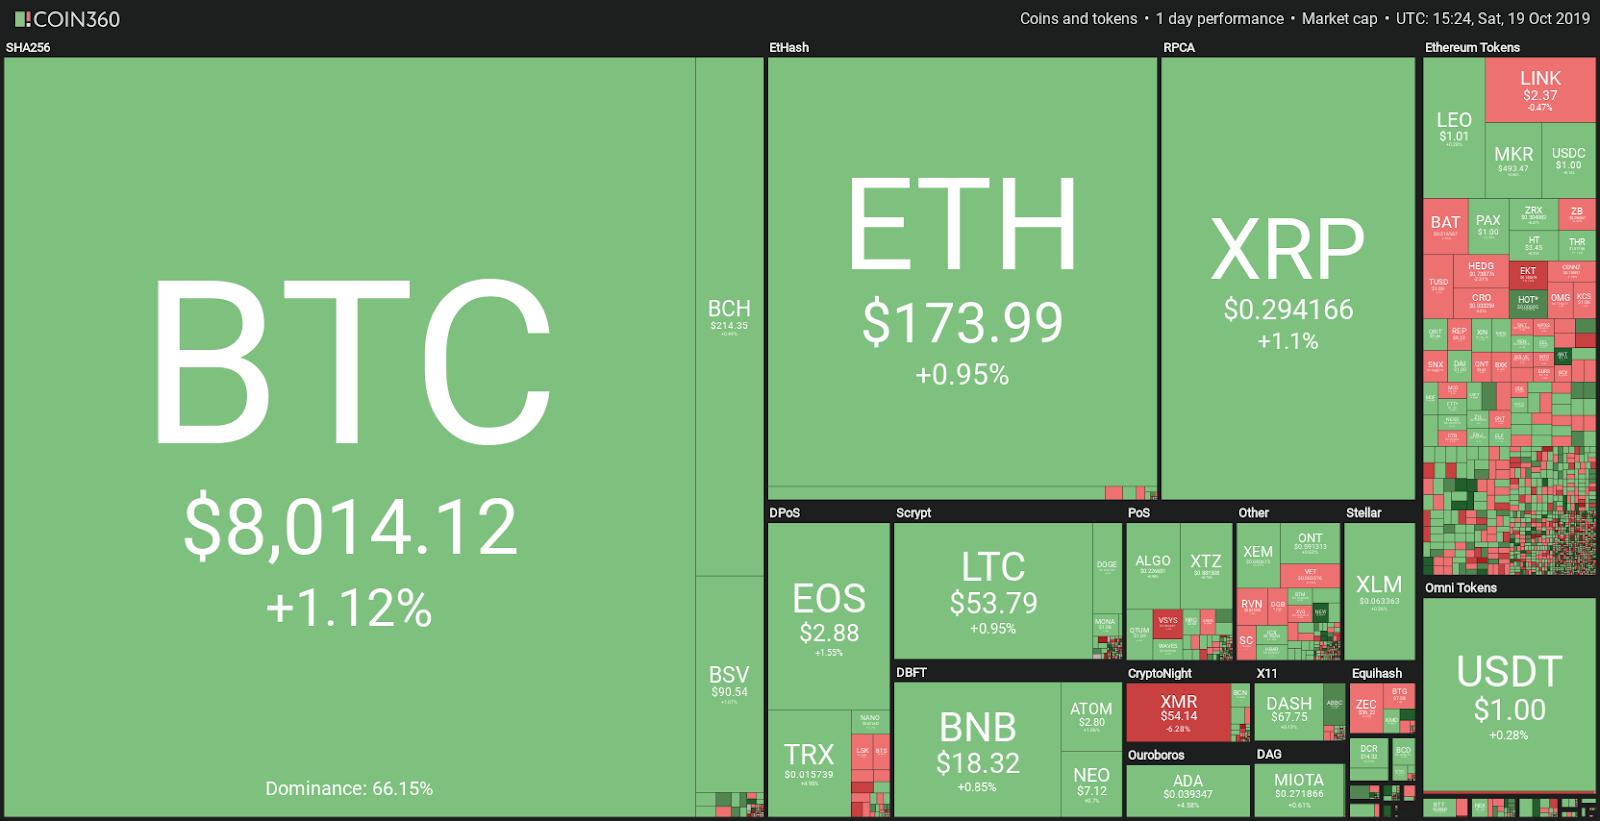 Visualización de mercado. Fuente: Coin360